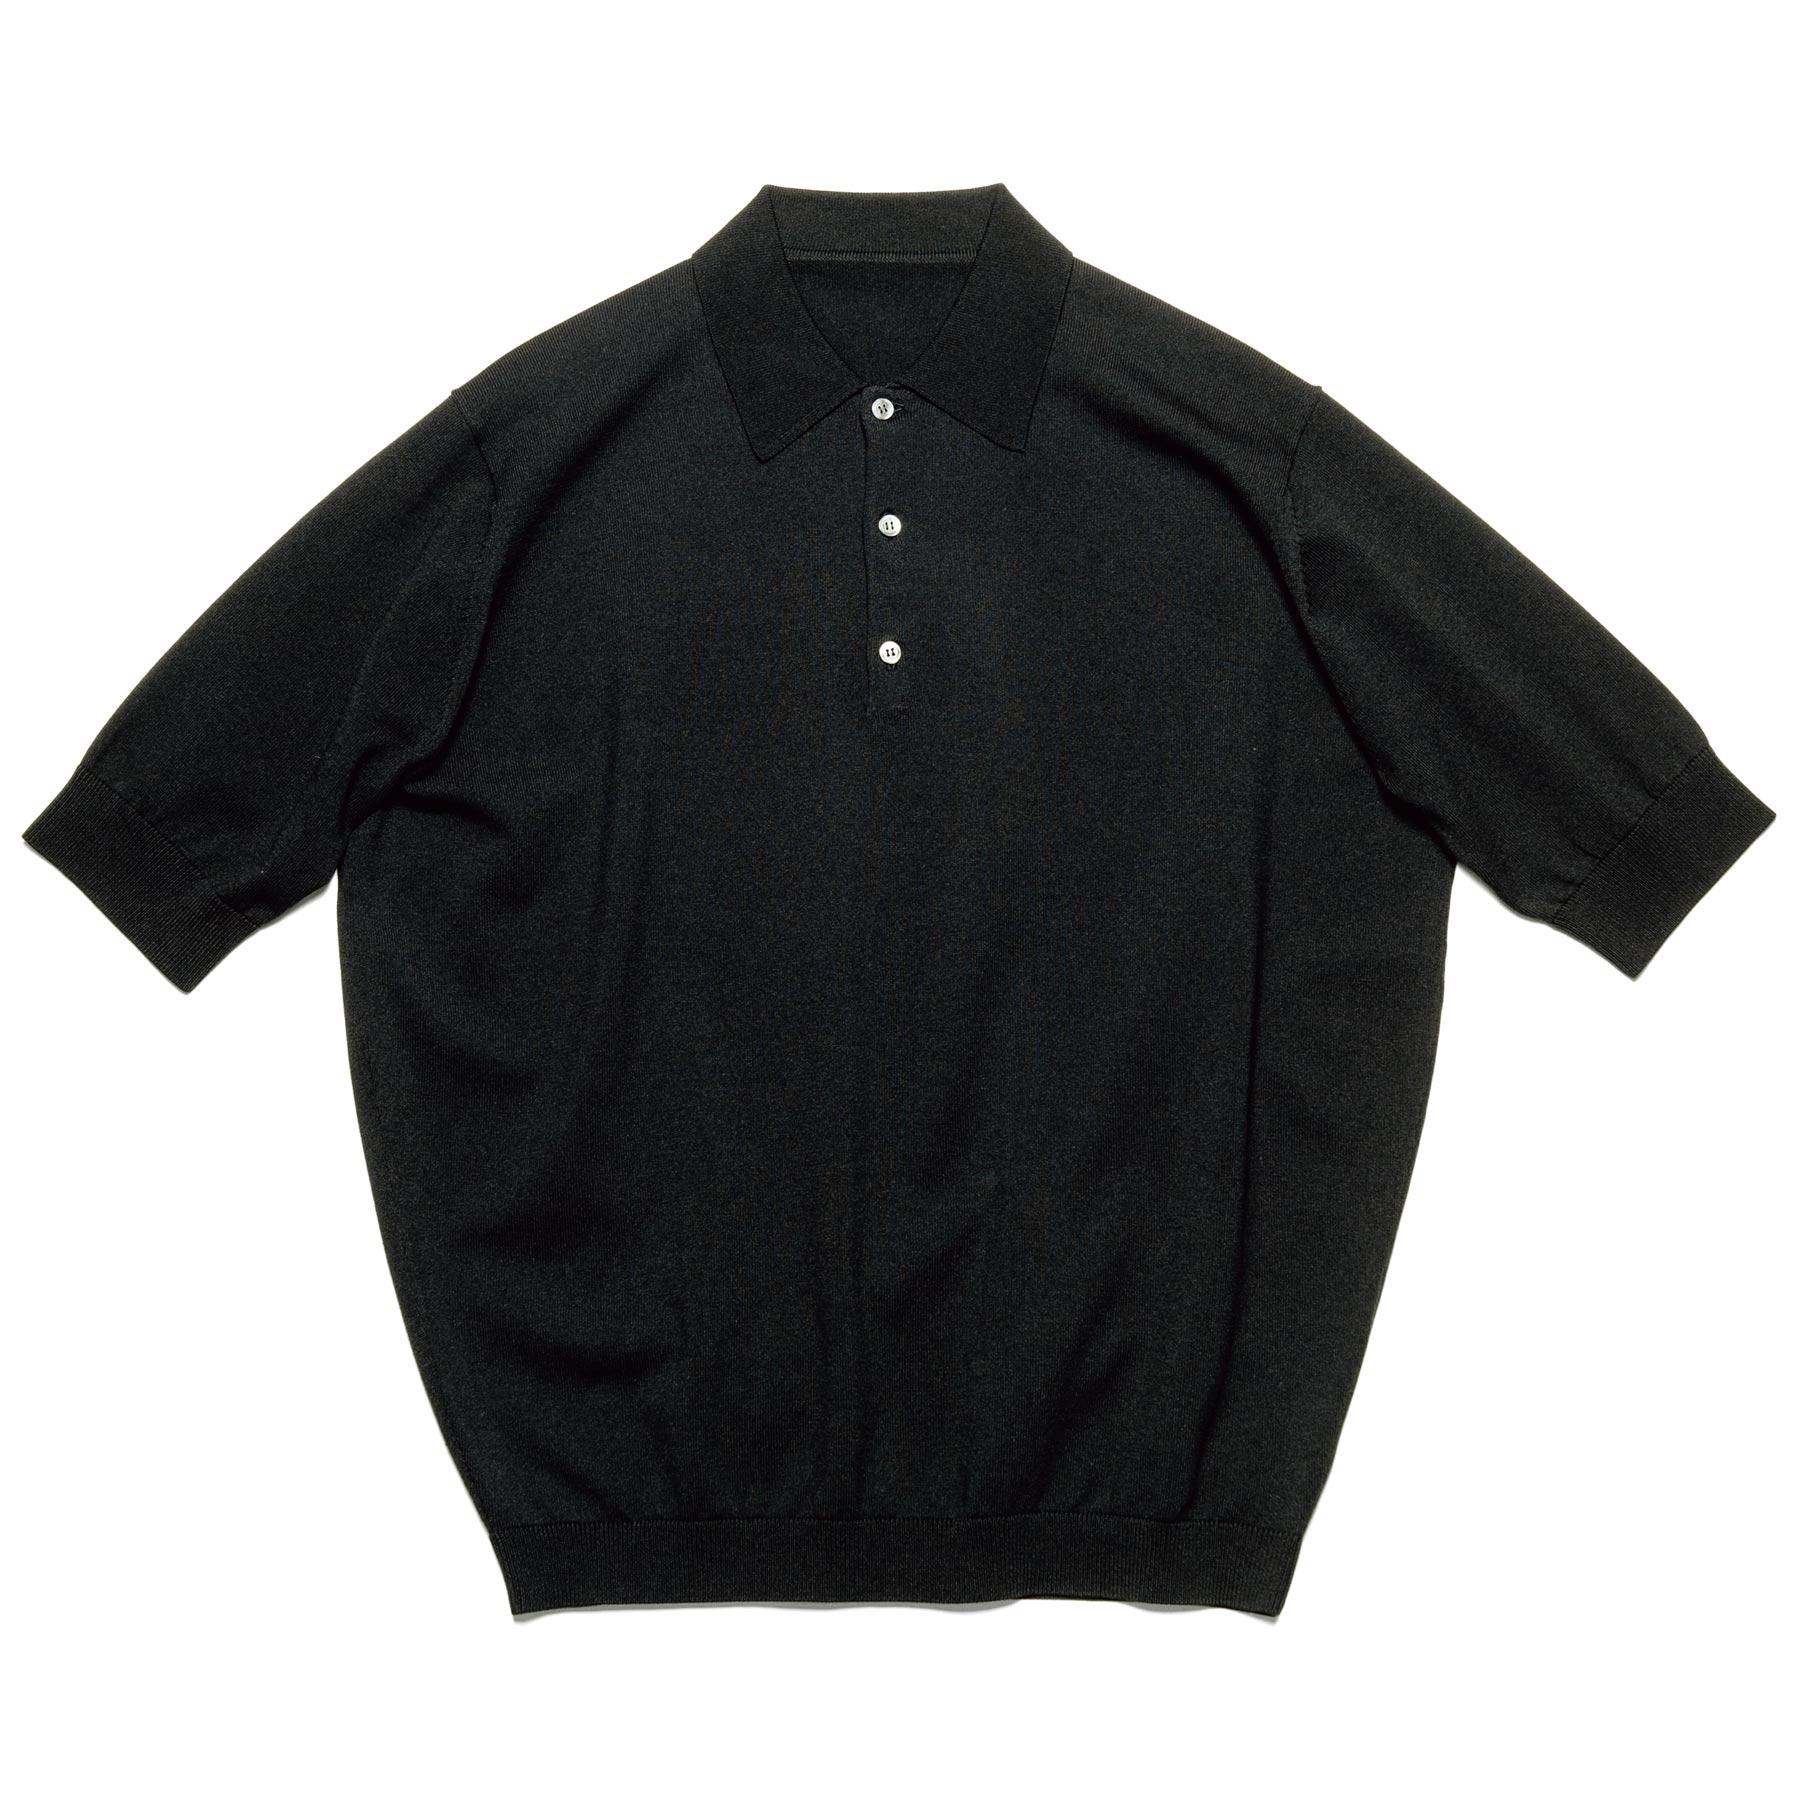 uniform experiment / S/S KNIT POLO (Black)